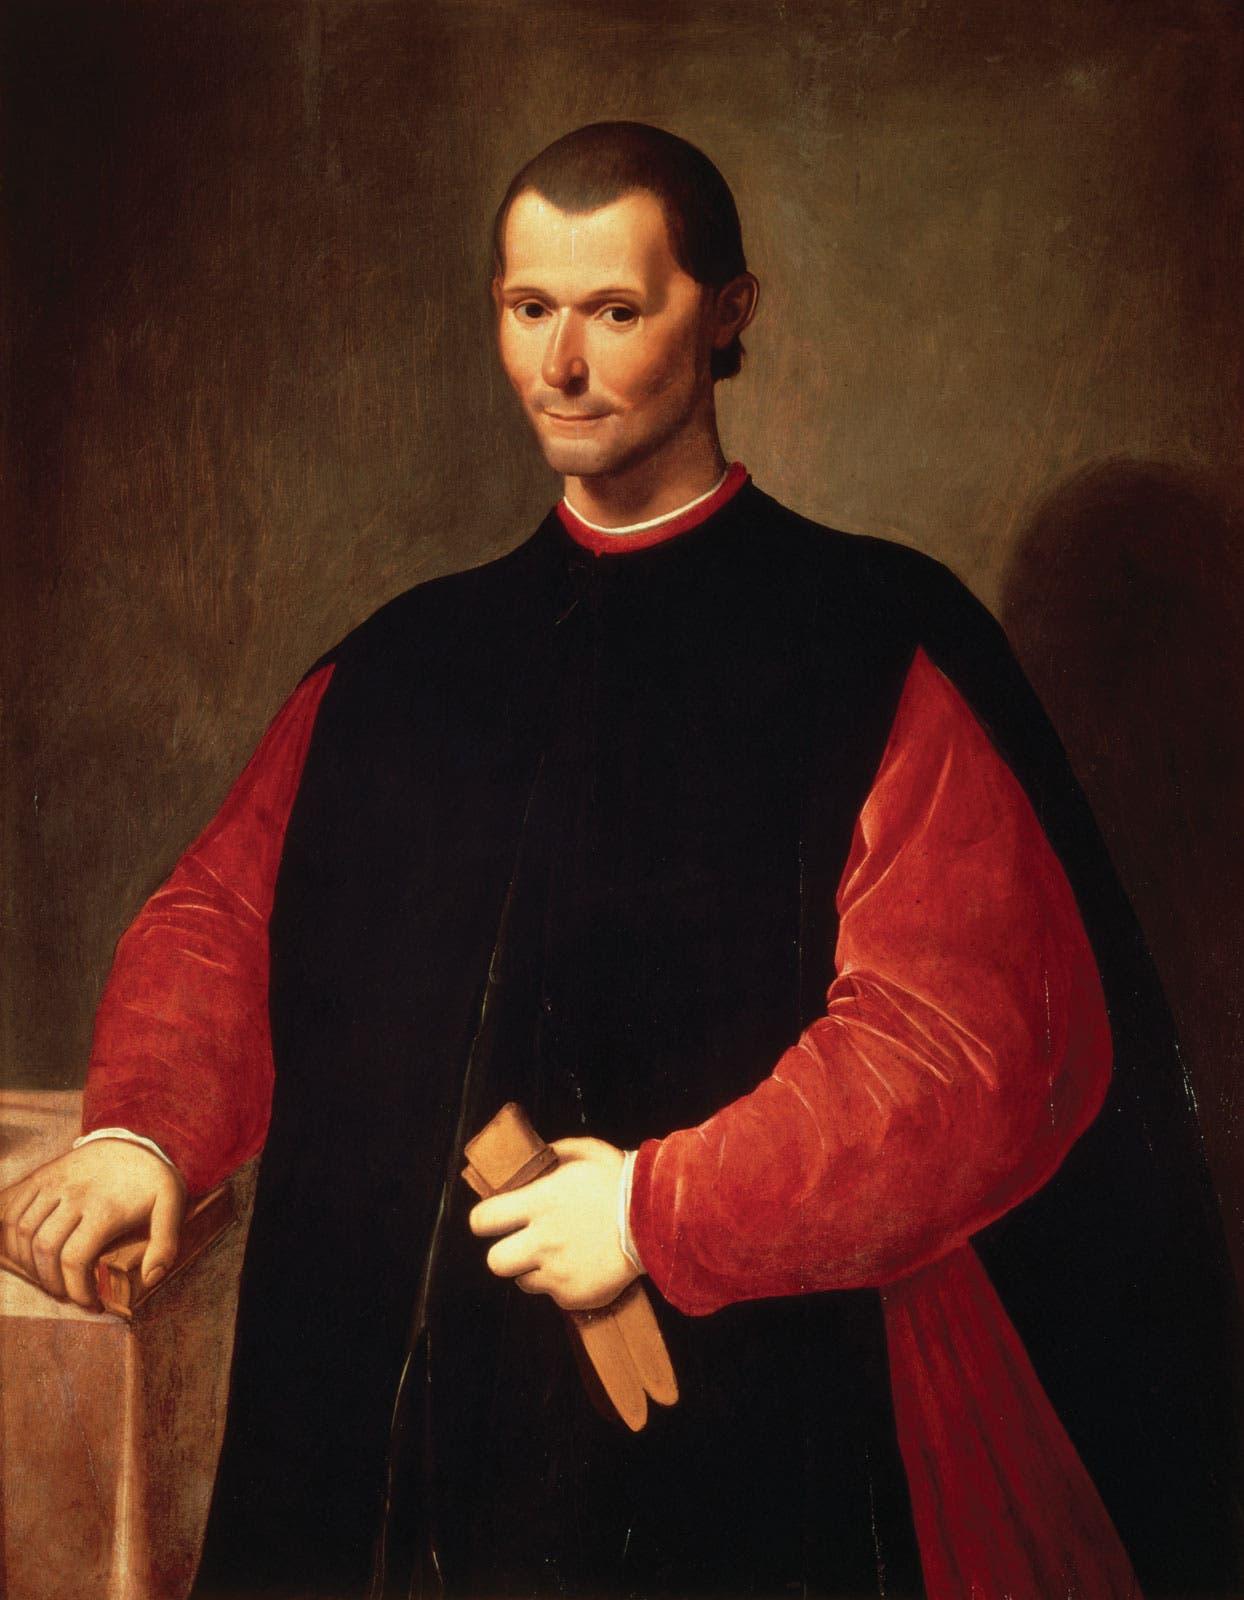 لوحة تجسد المؤلف والسياسي الإيطالي نيكولو مكيافيلي